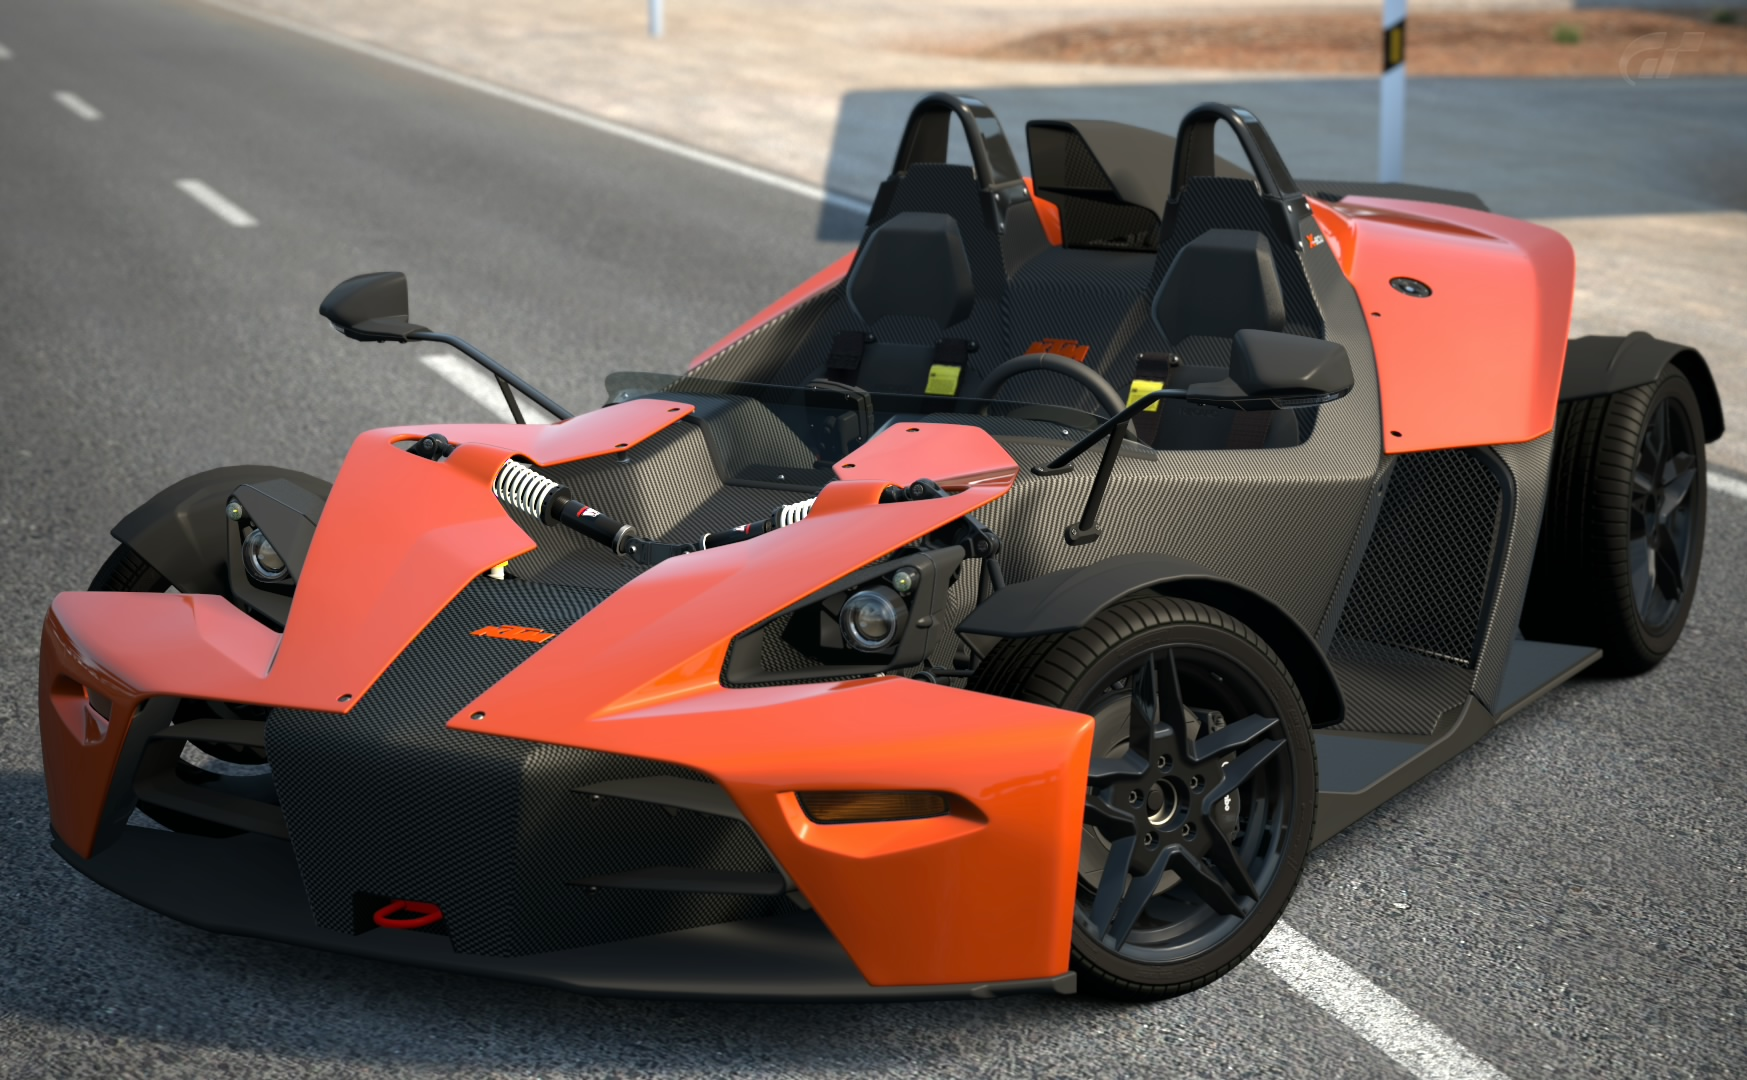 Ktm X Bow >> Ktm X Bow Street 12 Gran Turismo Wiki Fandom Powered By Wikia